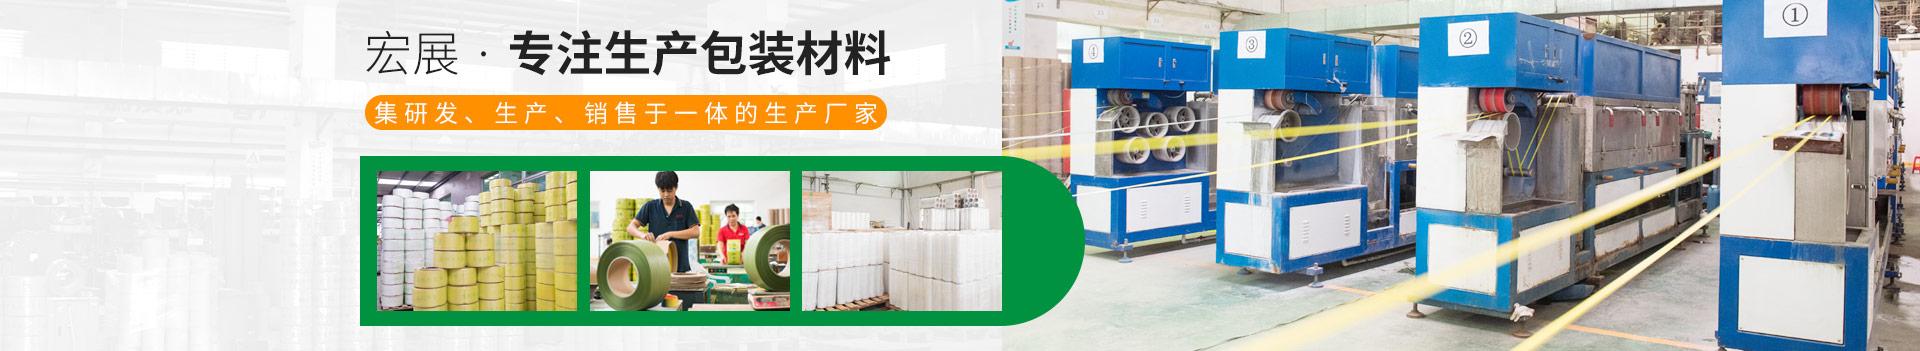 宏展包装-专注生产包装材料